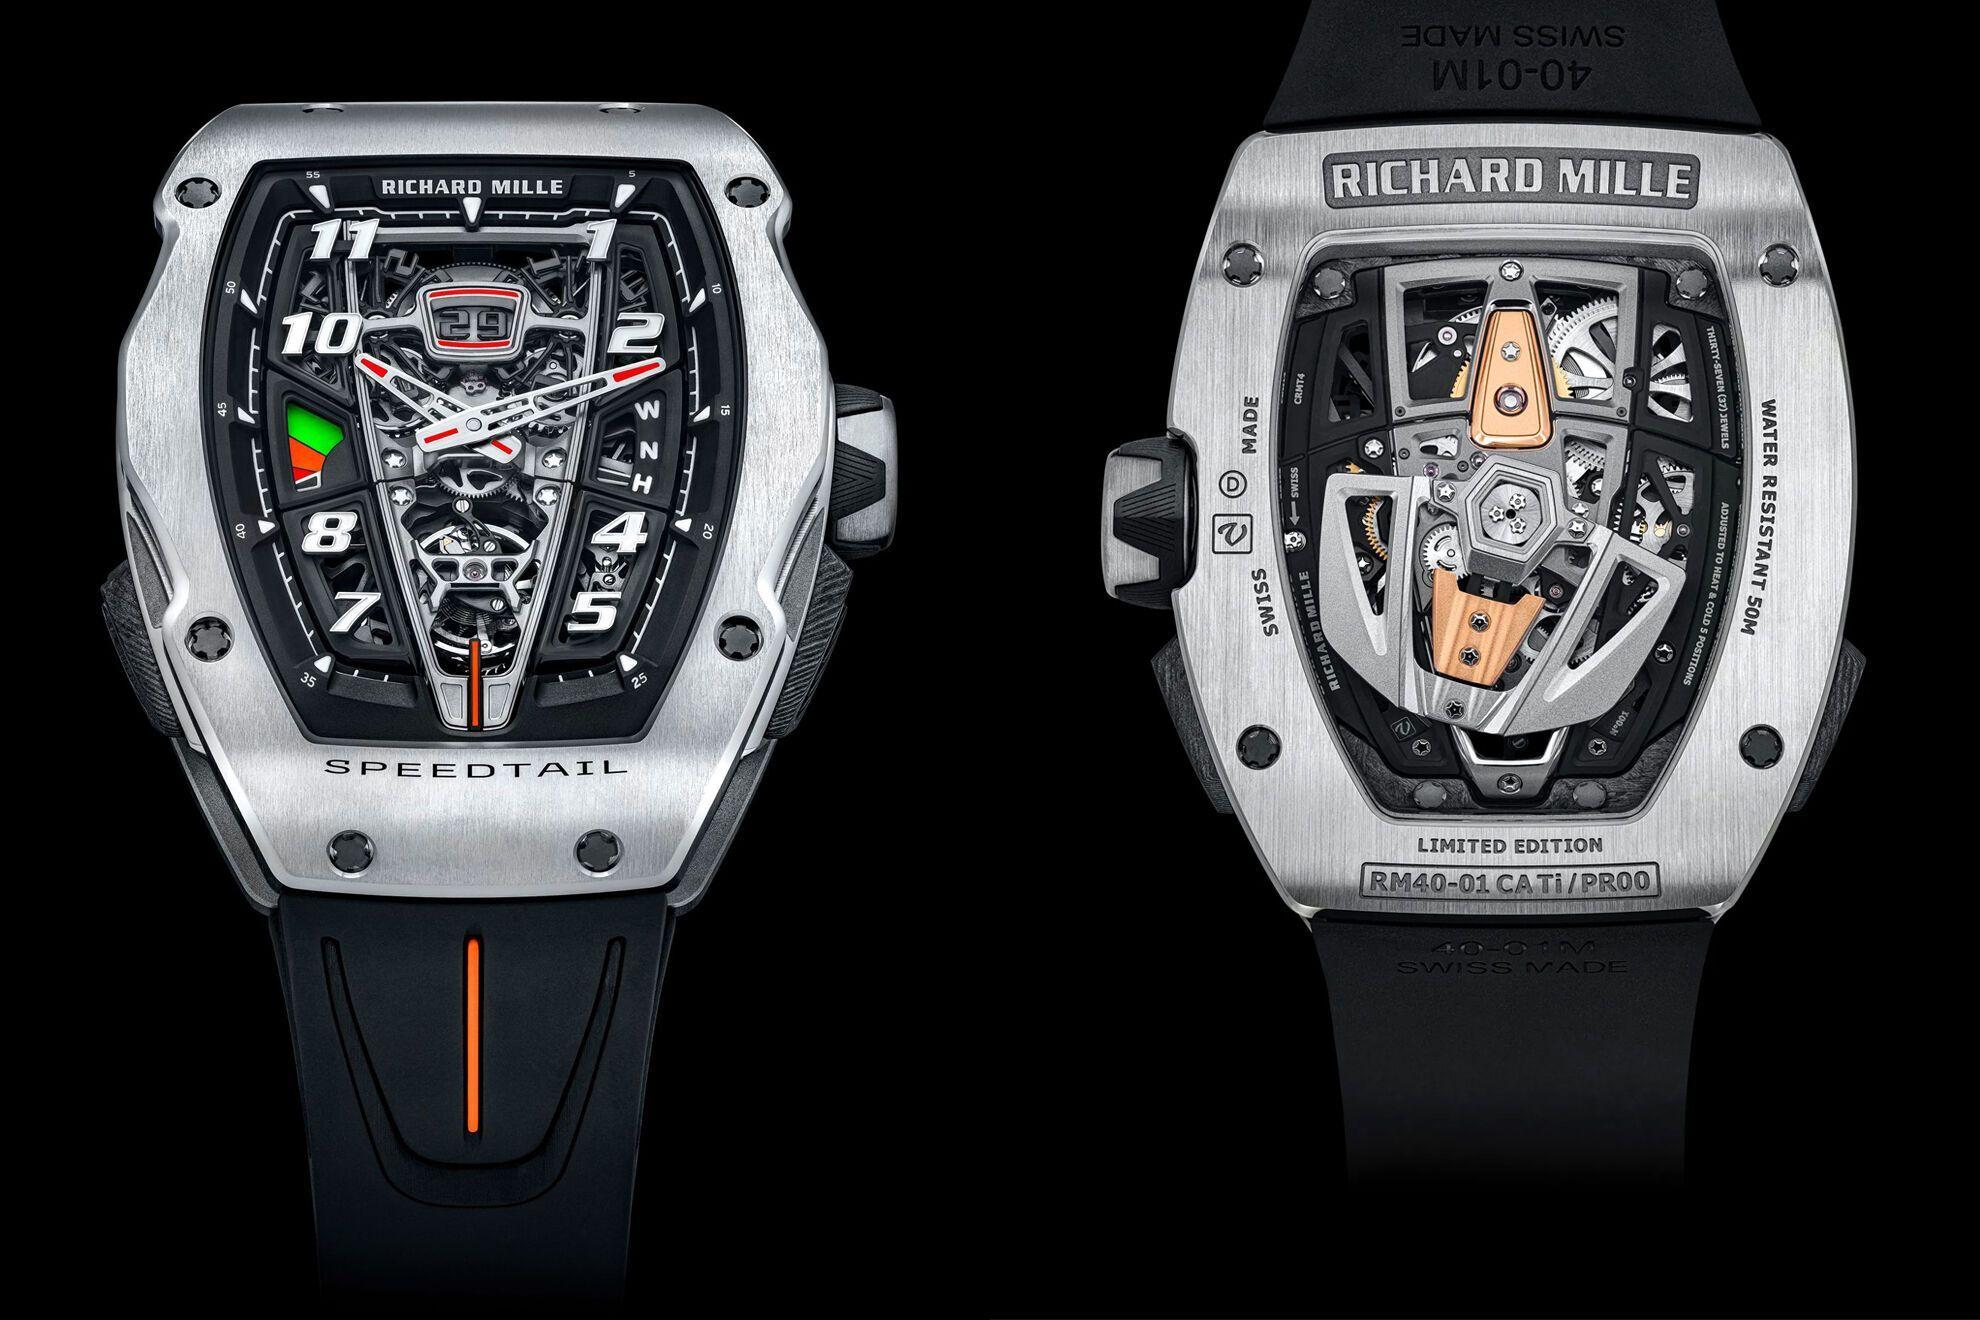 Годинники RM 40-01 Automatic Tourbillon McLaren Speedtail обійдуться власникові у мільйон доларів